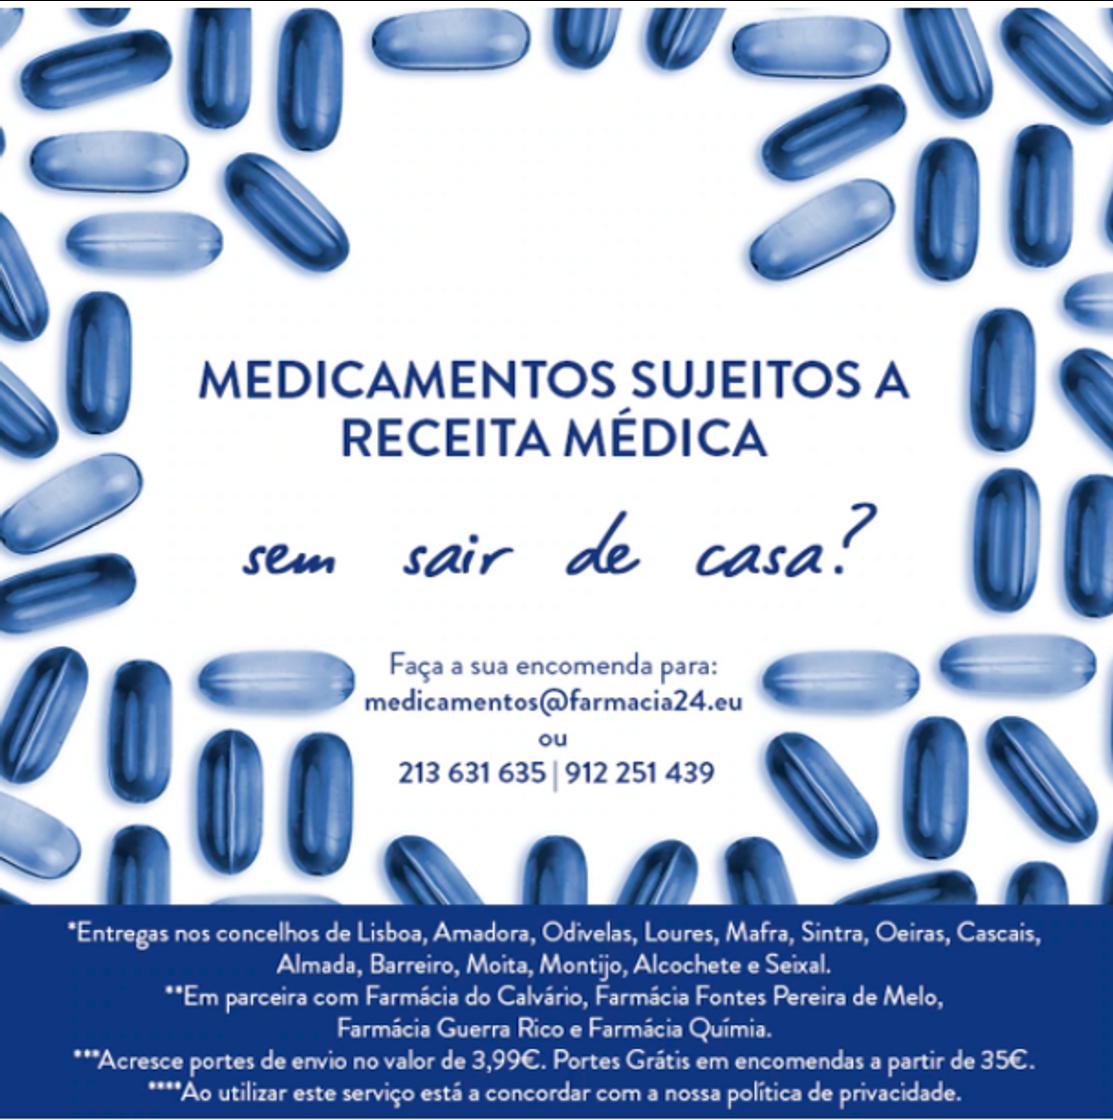 Medicamentos - Receita Médica